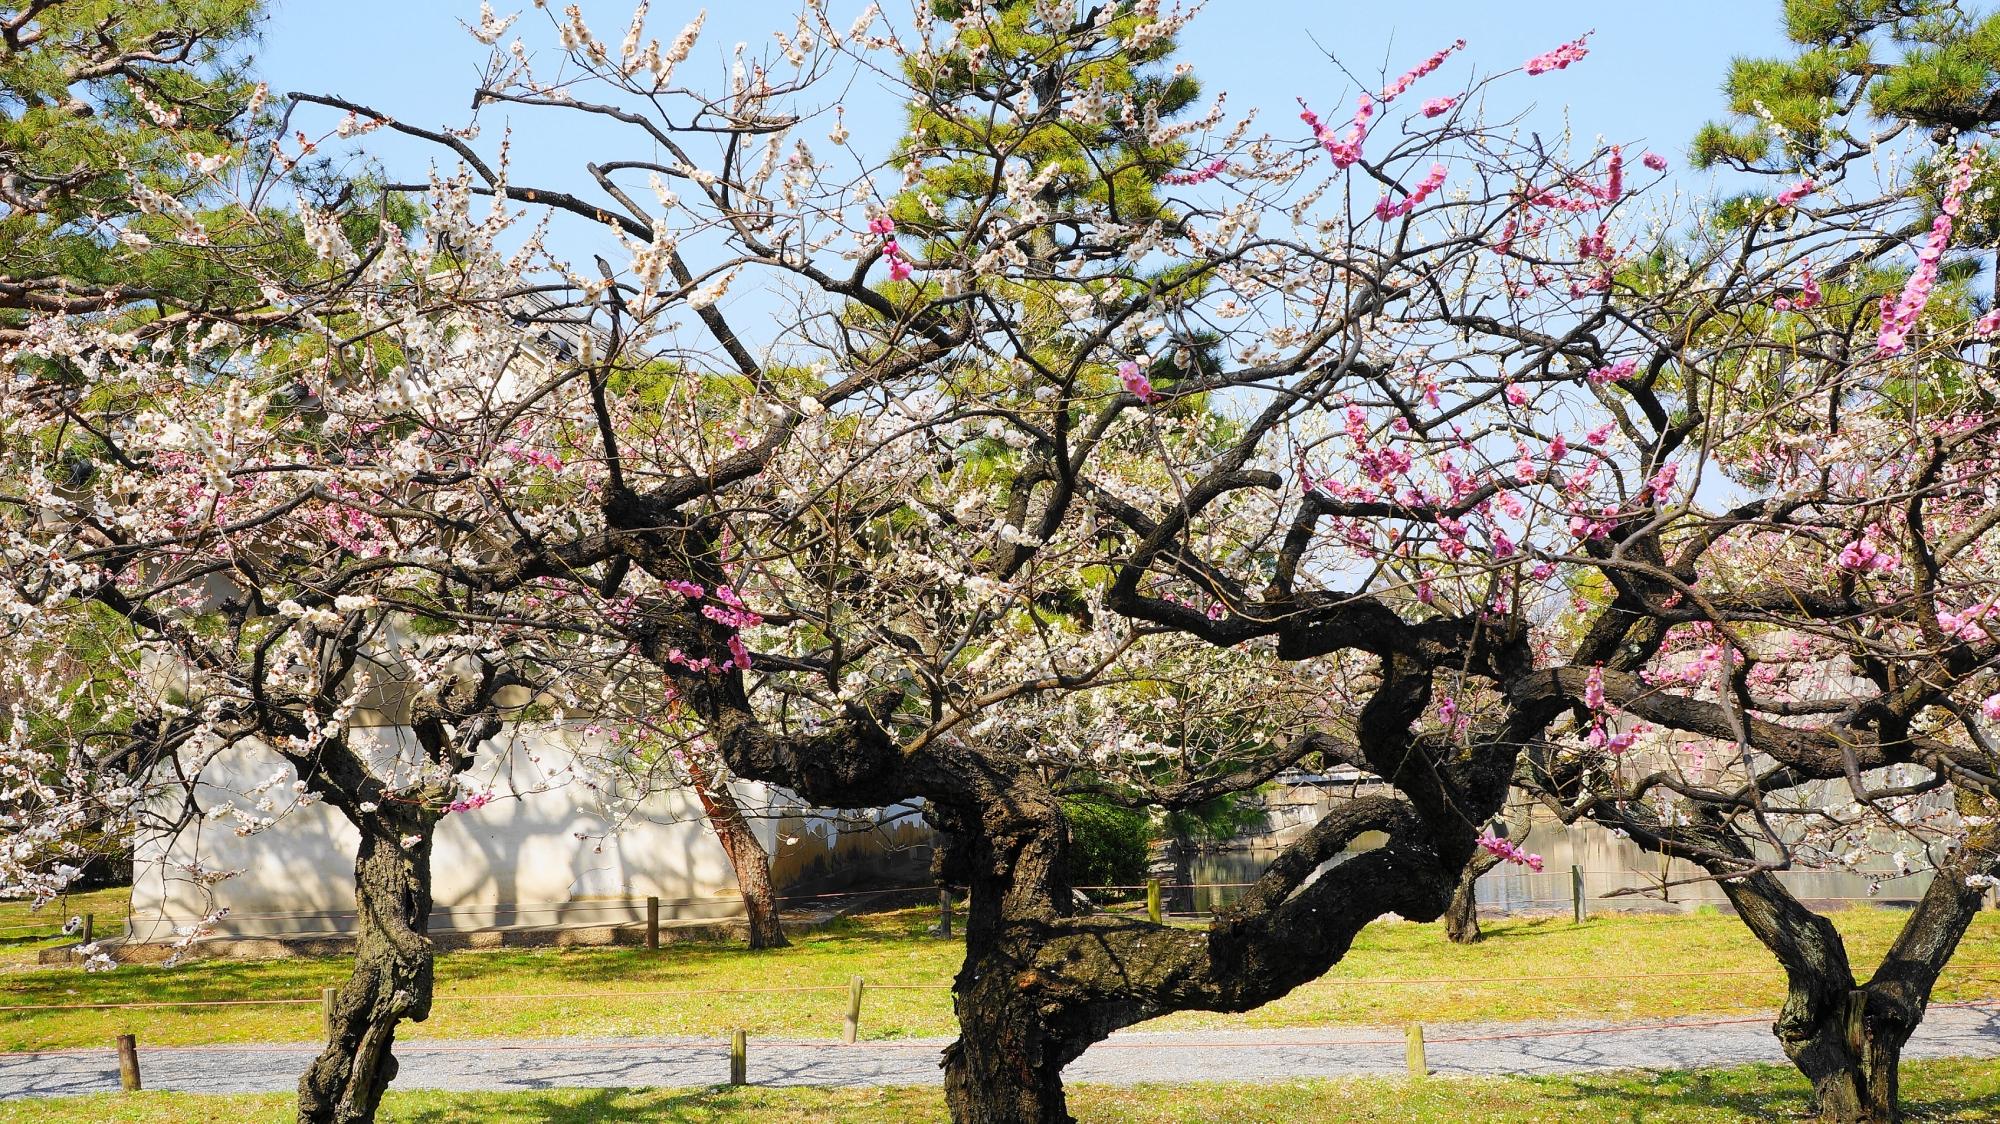 芸術的な幹と枝と紅白の梅の花